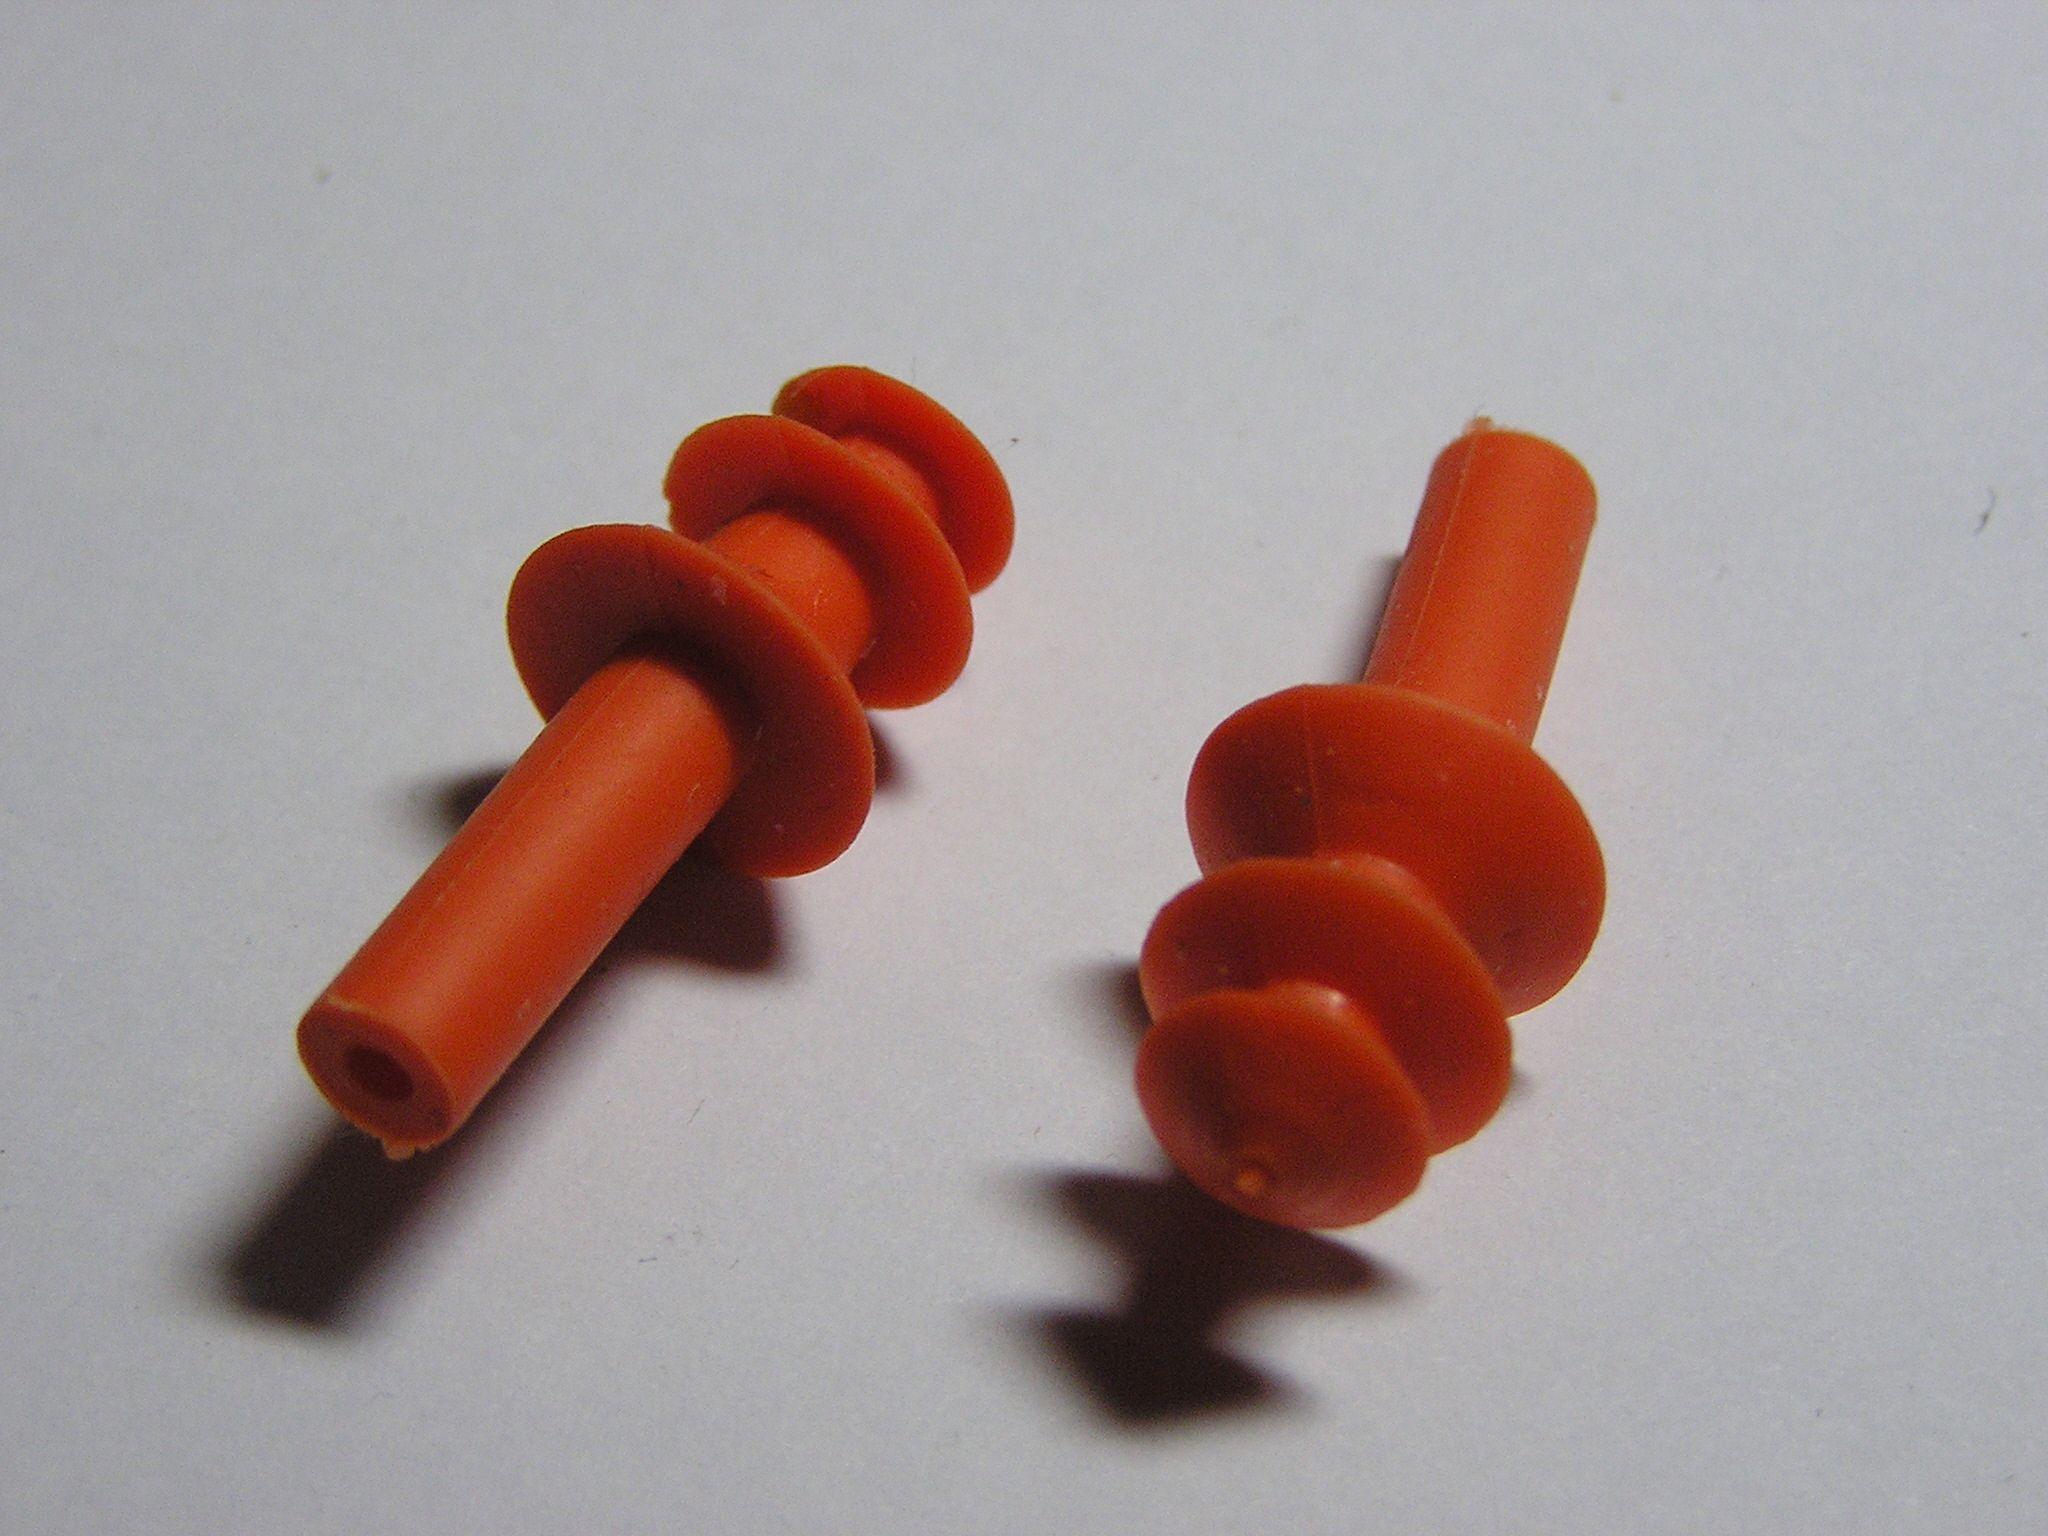 Øreplugger er generelt sett et viktig middel for å unngå hørselstap på konserter og liknende.